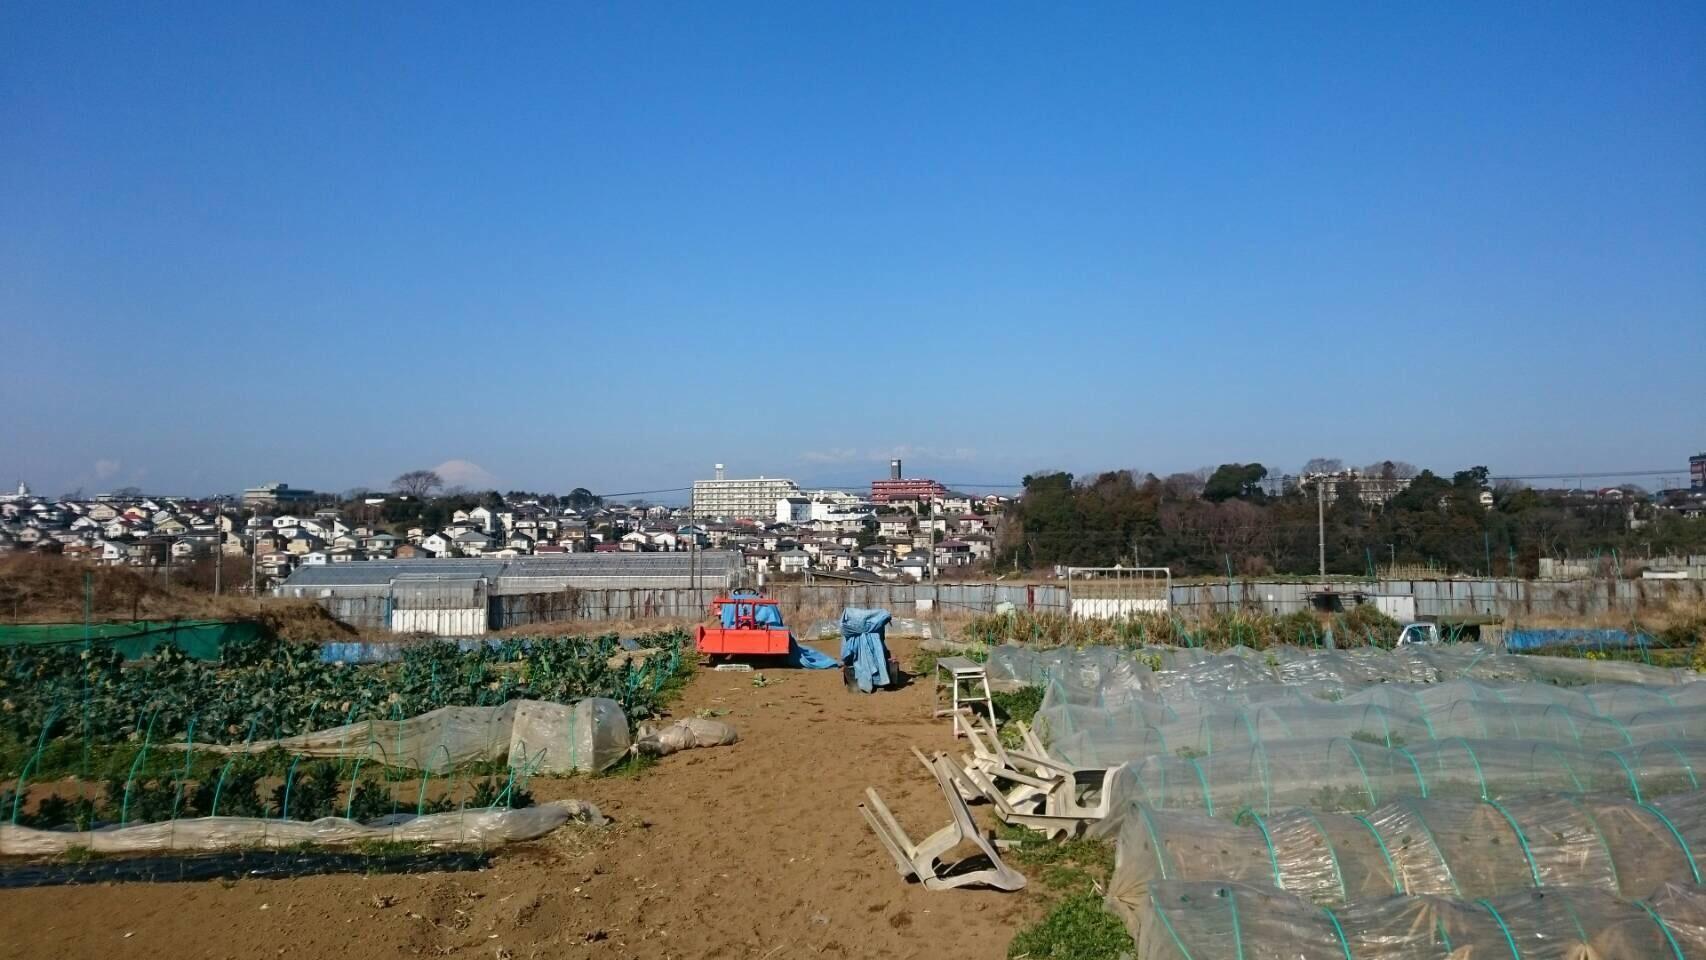 今朝は 蚕豆のネットを外し 雑草取り 通路草刈り エンドウ豆の櫓建て開始します_c0222448_14331257.jpg